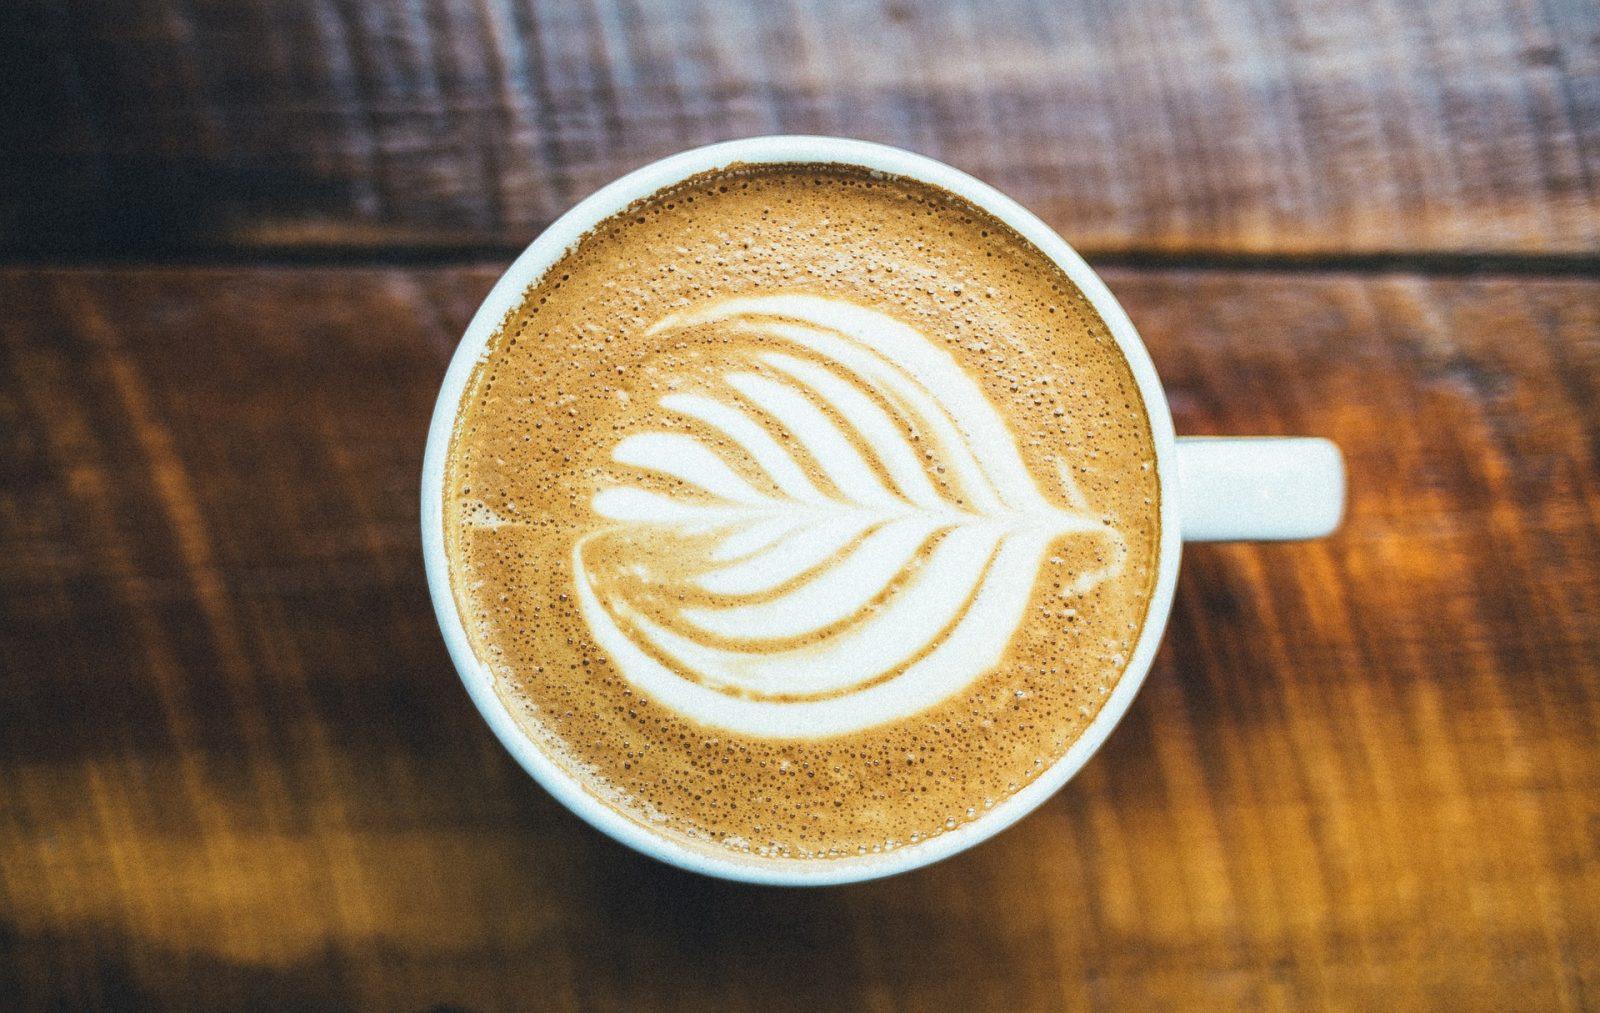 Diese Dosis Kaffee sollten Sie nicht überschreiten